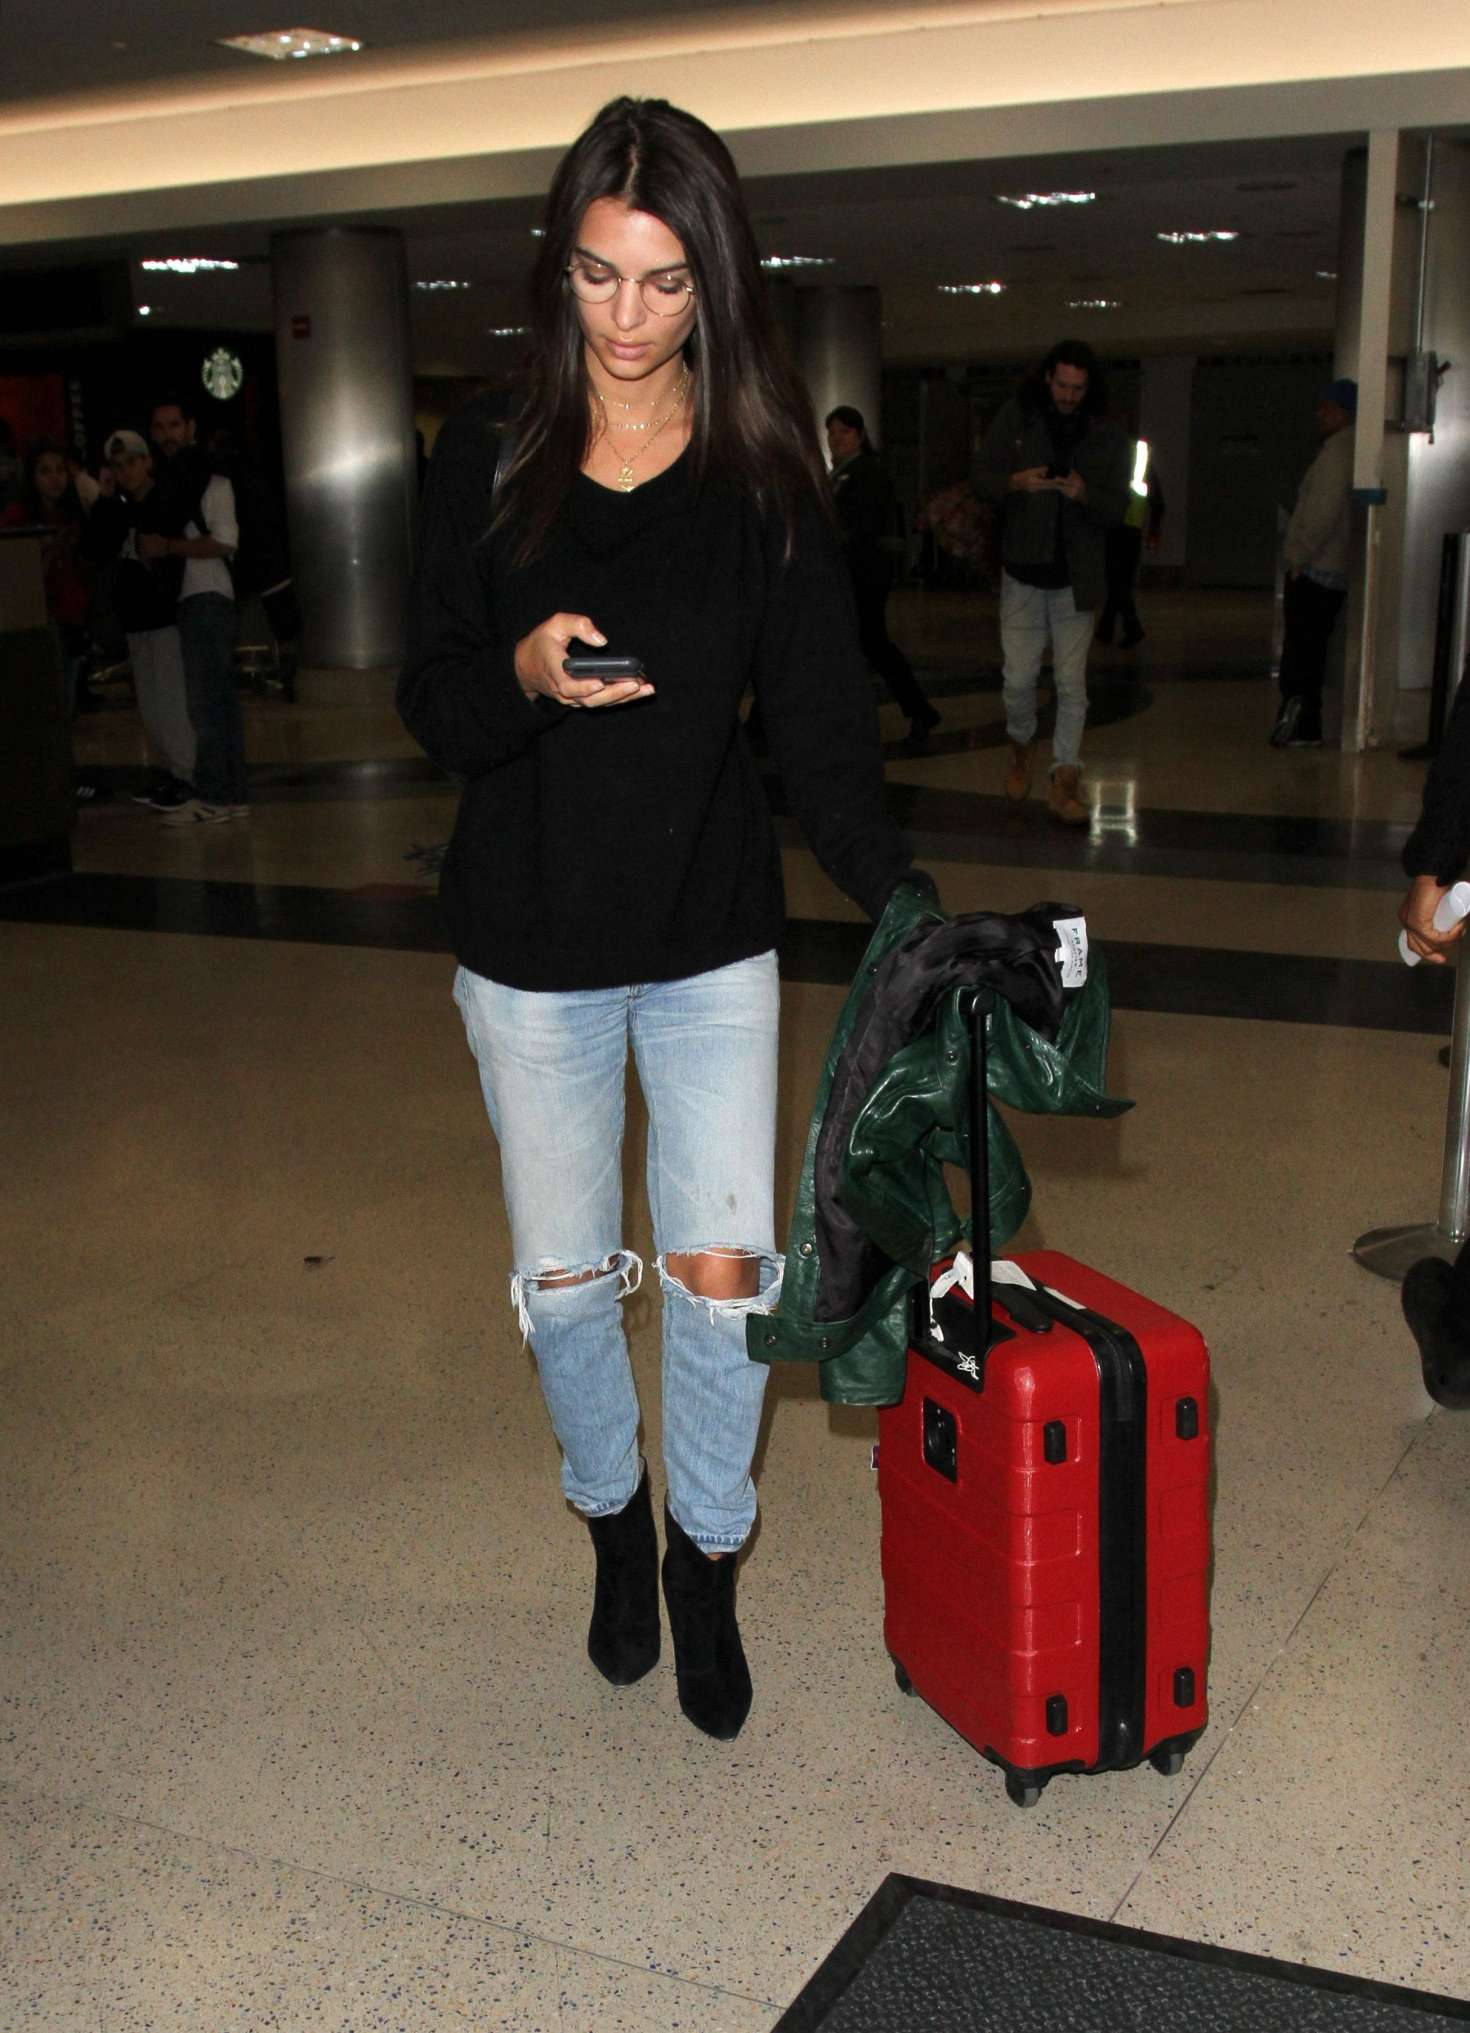 Emily Ratajkowski 2016 : Emily Ratajkowski in Ripped Jeans at LAX Airport -12